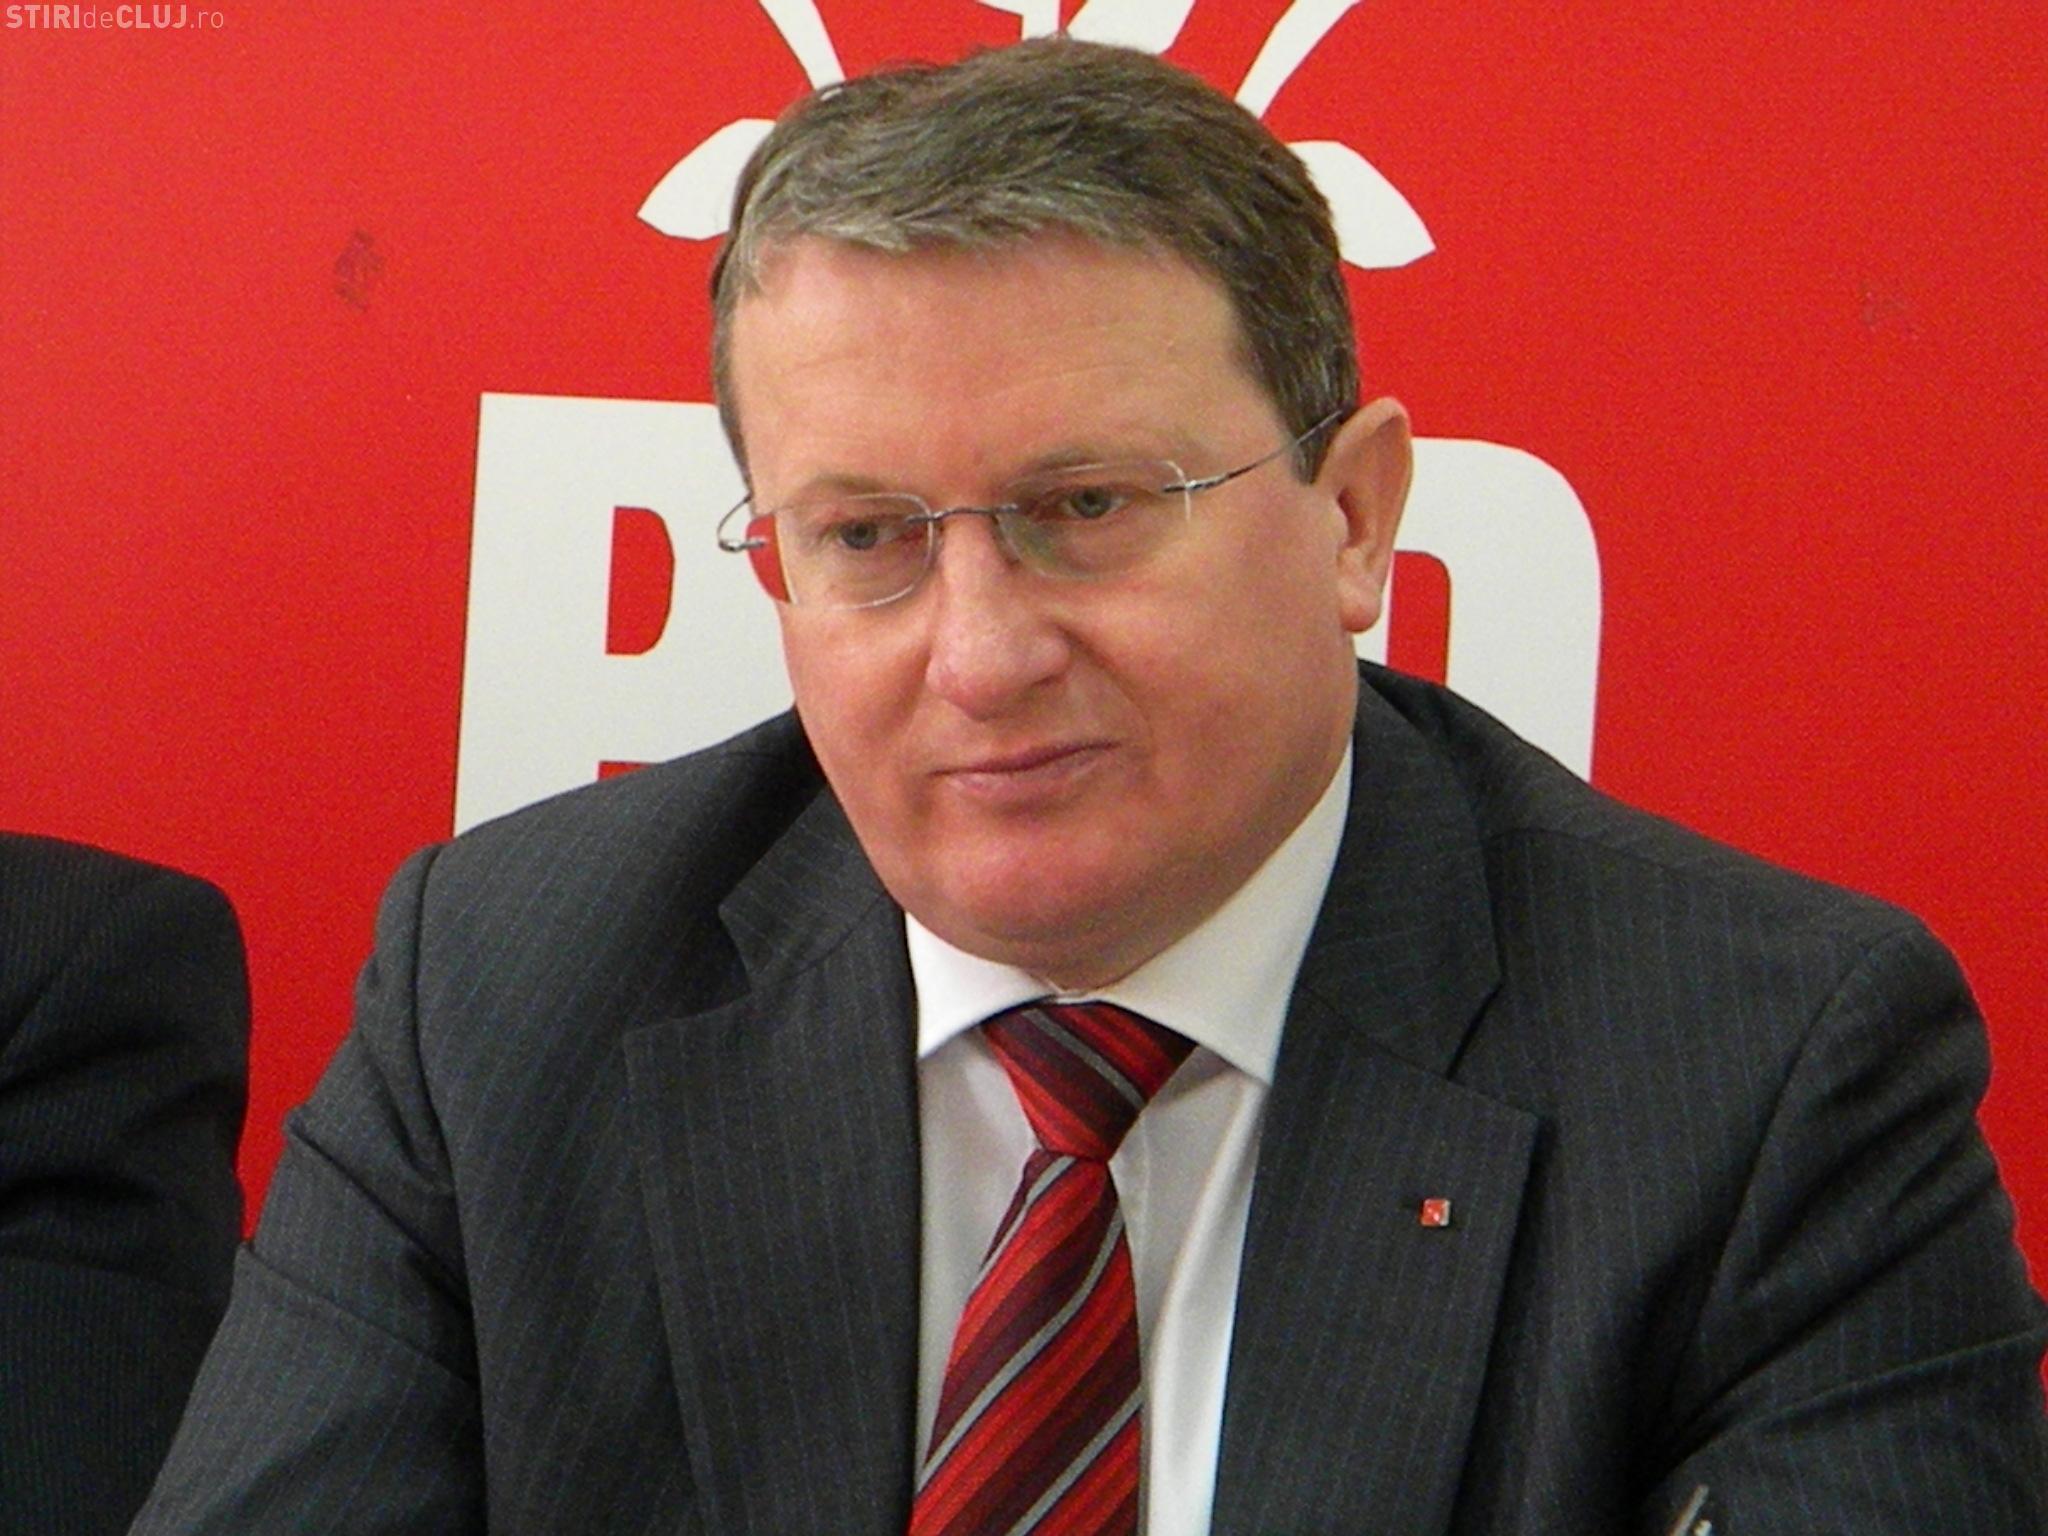 """Remus Lăpușan: """"Dacă lucrările de infrastructură din județul Cluj nu vor fi finalizate până la sfârșitul acestui an, vina îi va aparține Executivului Consiliului Județean Cluj"""""""